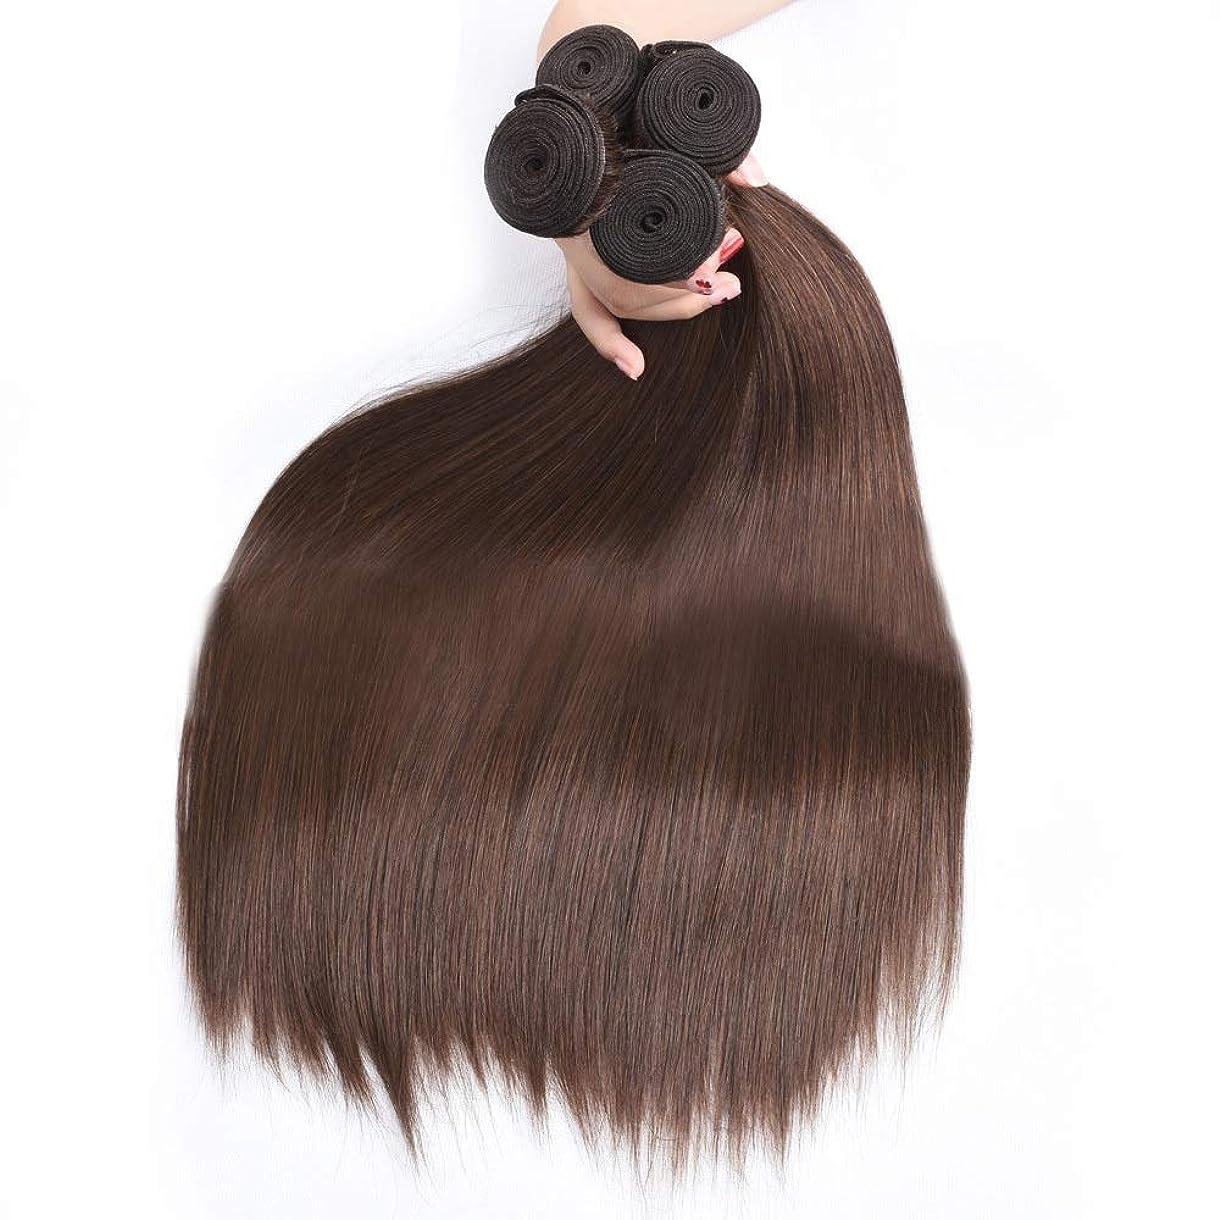 ちょうつがい屈辱するケニアBOBIDYEE 絹のようなストレートの髪の束ブラジルのストレート本物の人間の髪の毛の拡張子#4ブラウン色ナチュラルルッキング(1バンドル、10-28インチ)女性用合成かつらレースかつらロールプレイングかつら (色 : ブラウン, サイズ : 28 inch)